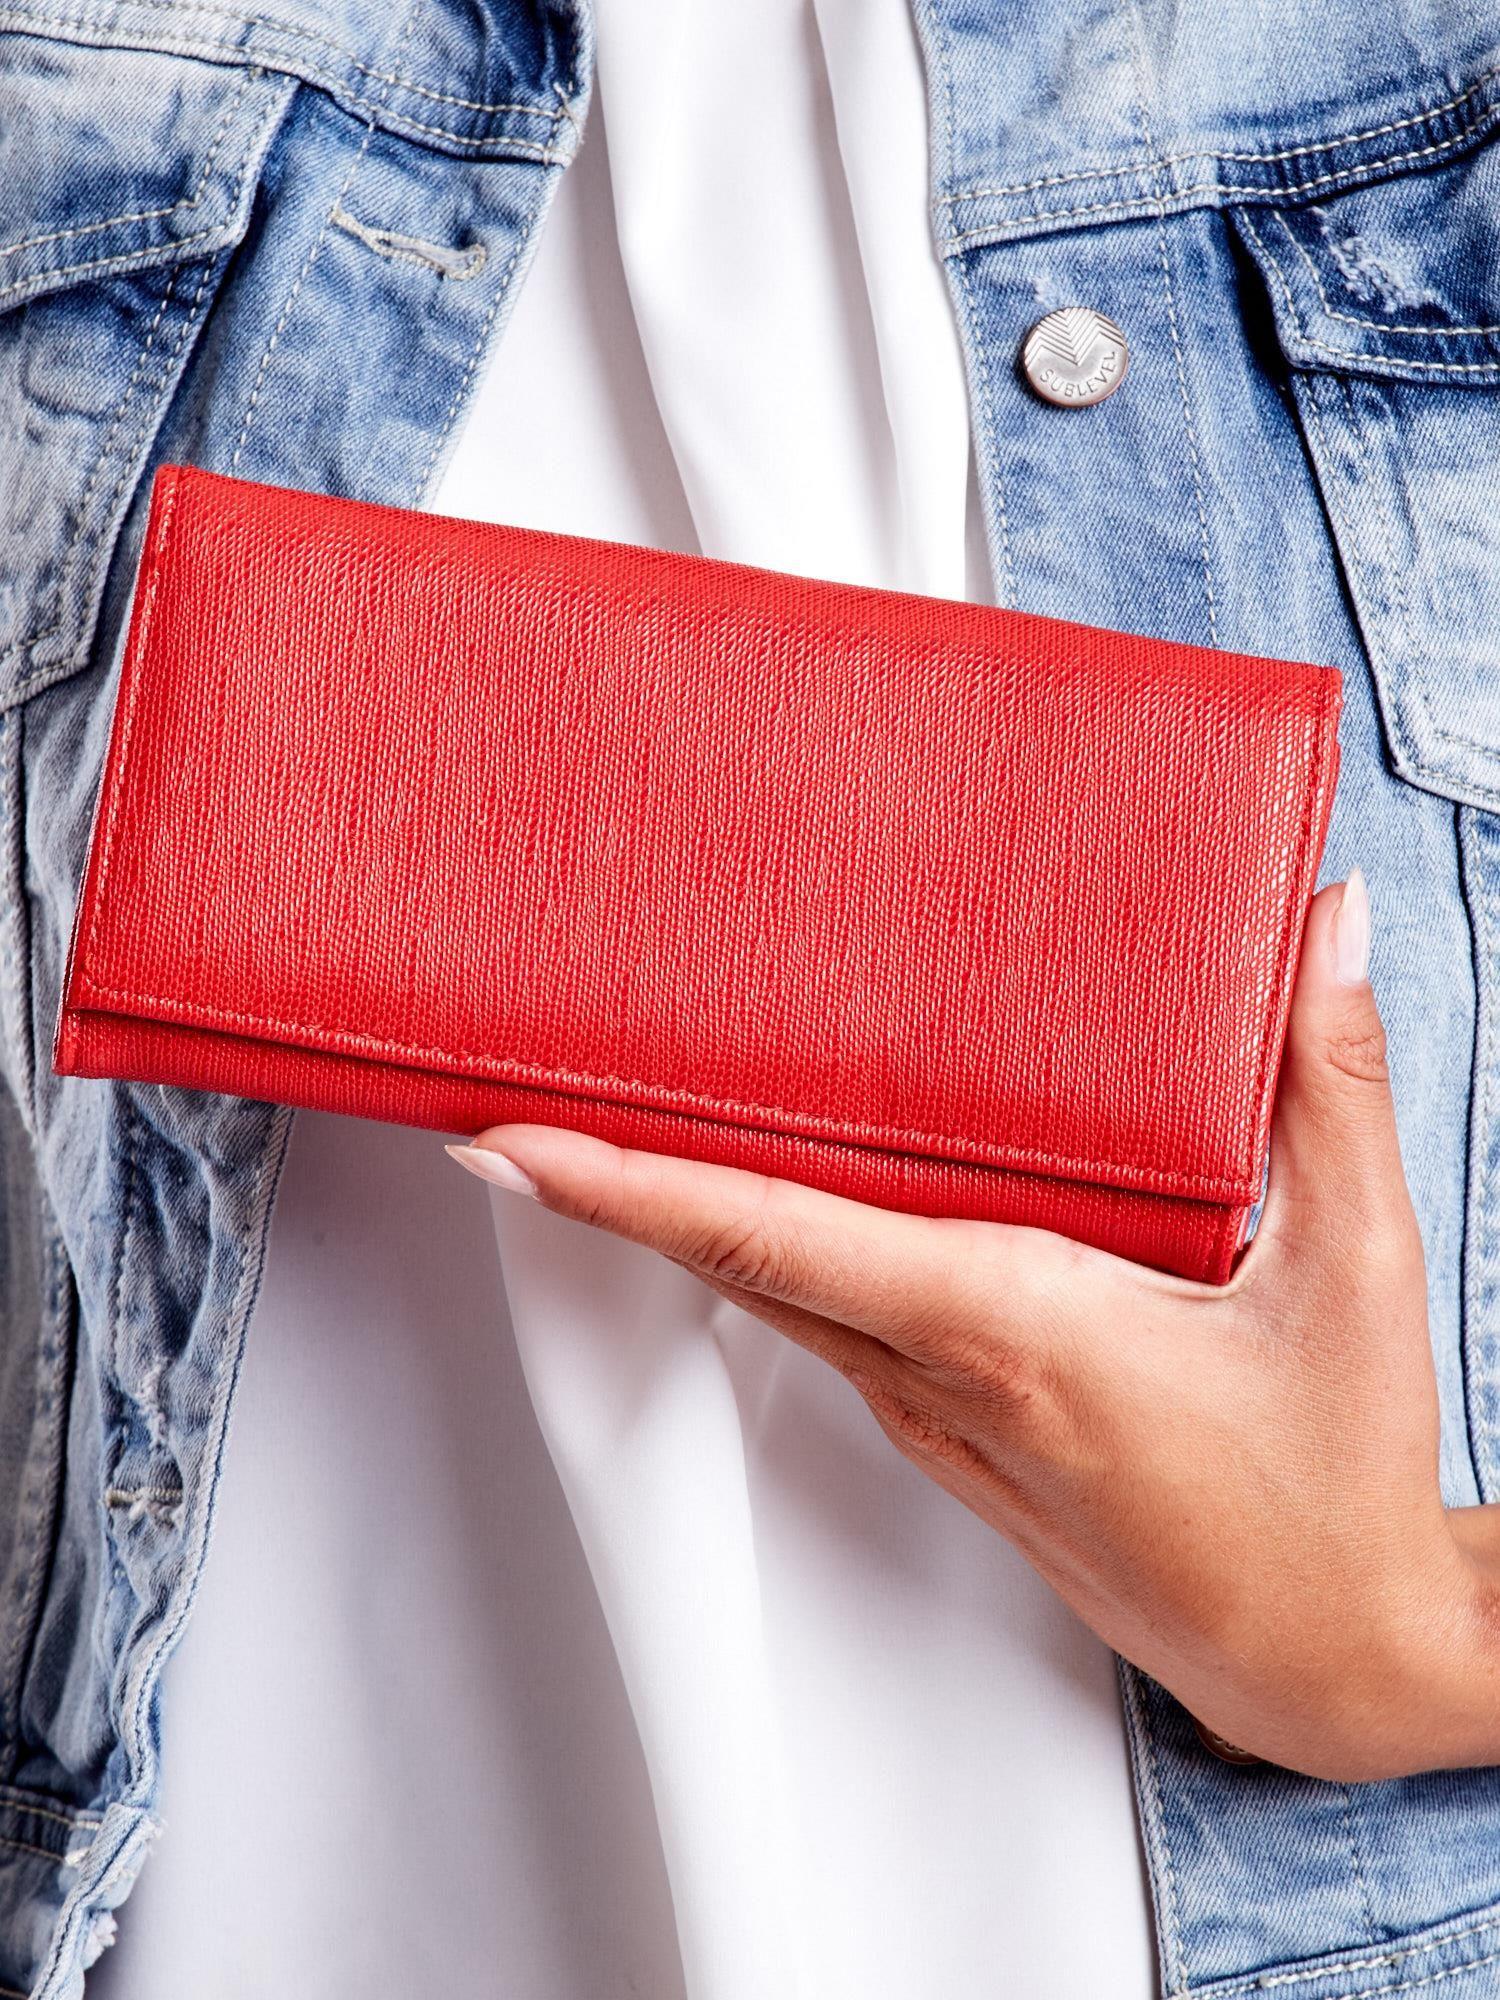 6c9e6b98f4d5a Czerwony portfel damski z zapięciem na zatrzask - Akcesoria portfele -  sklep eButik.pl